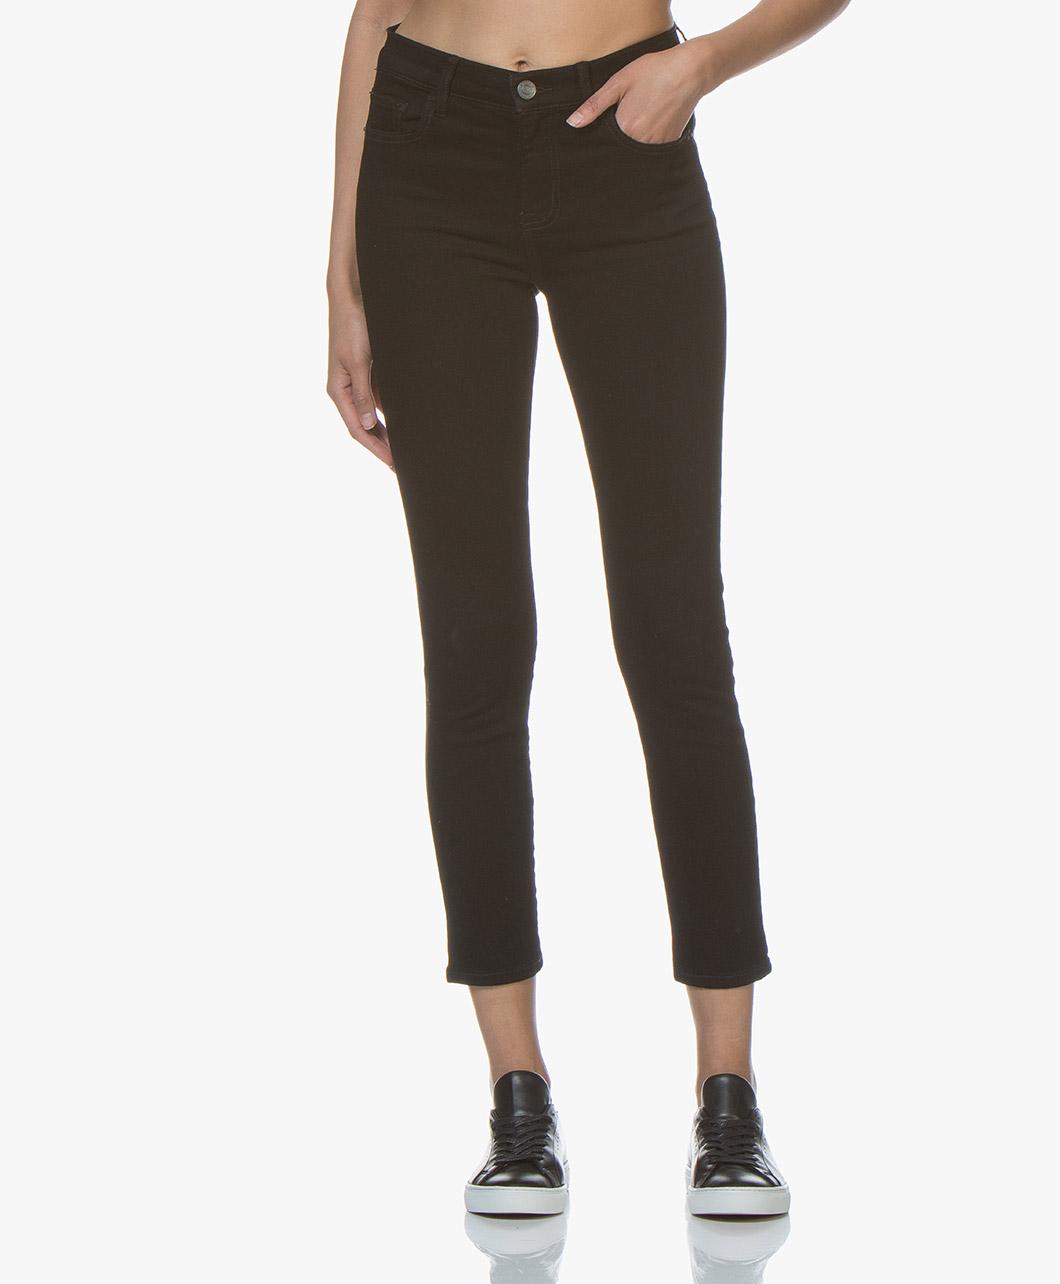 Afbeelding van Current/Elliott The High Waist Stiletto Skinny Jeans Zwart 0 Years Worn